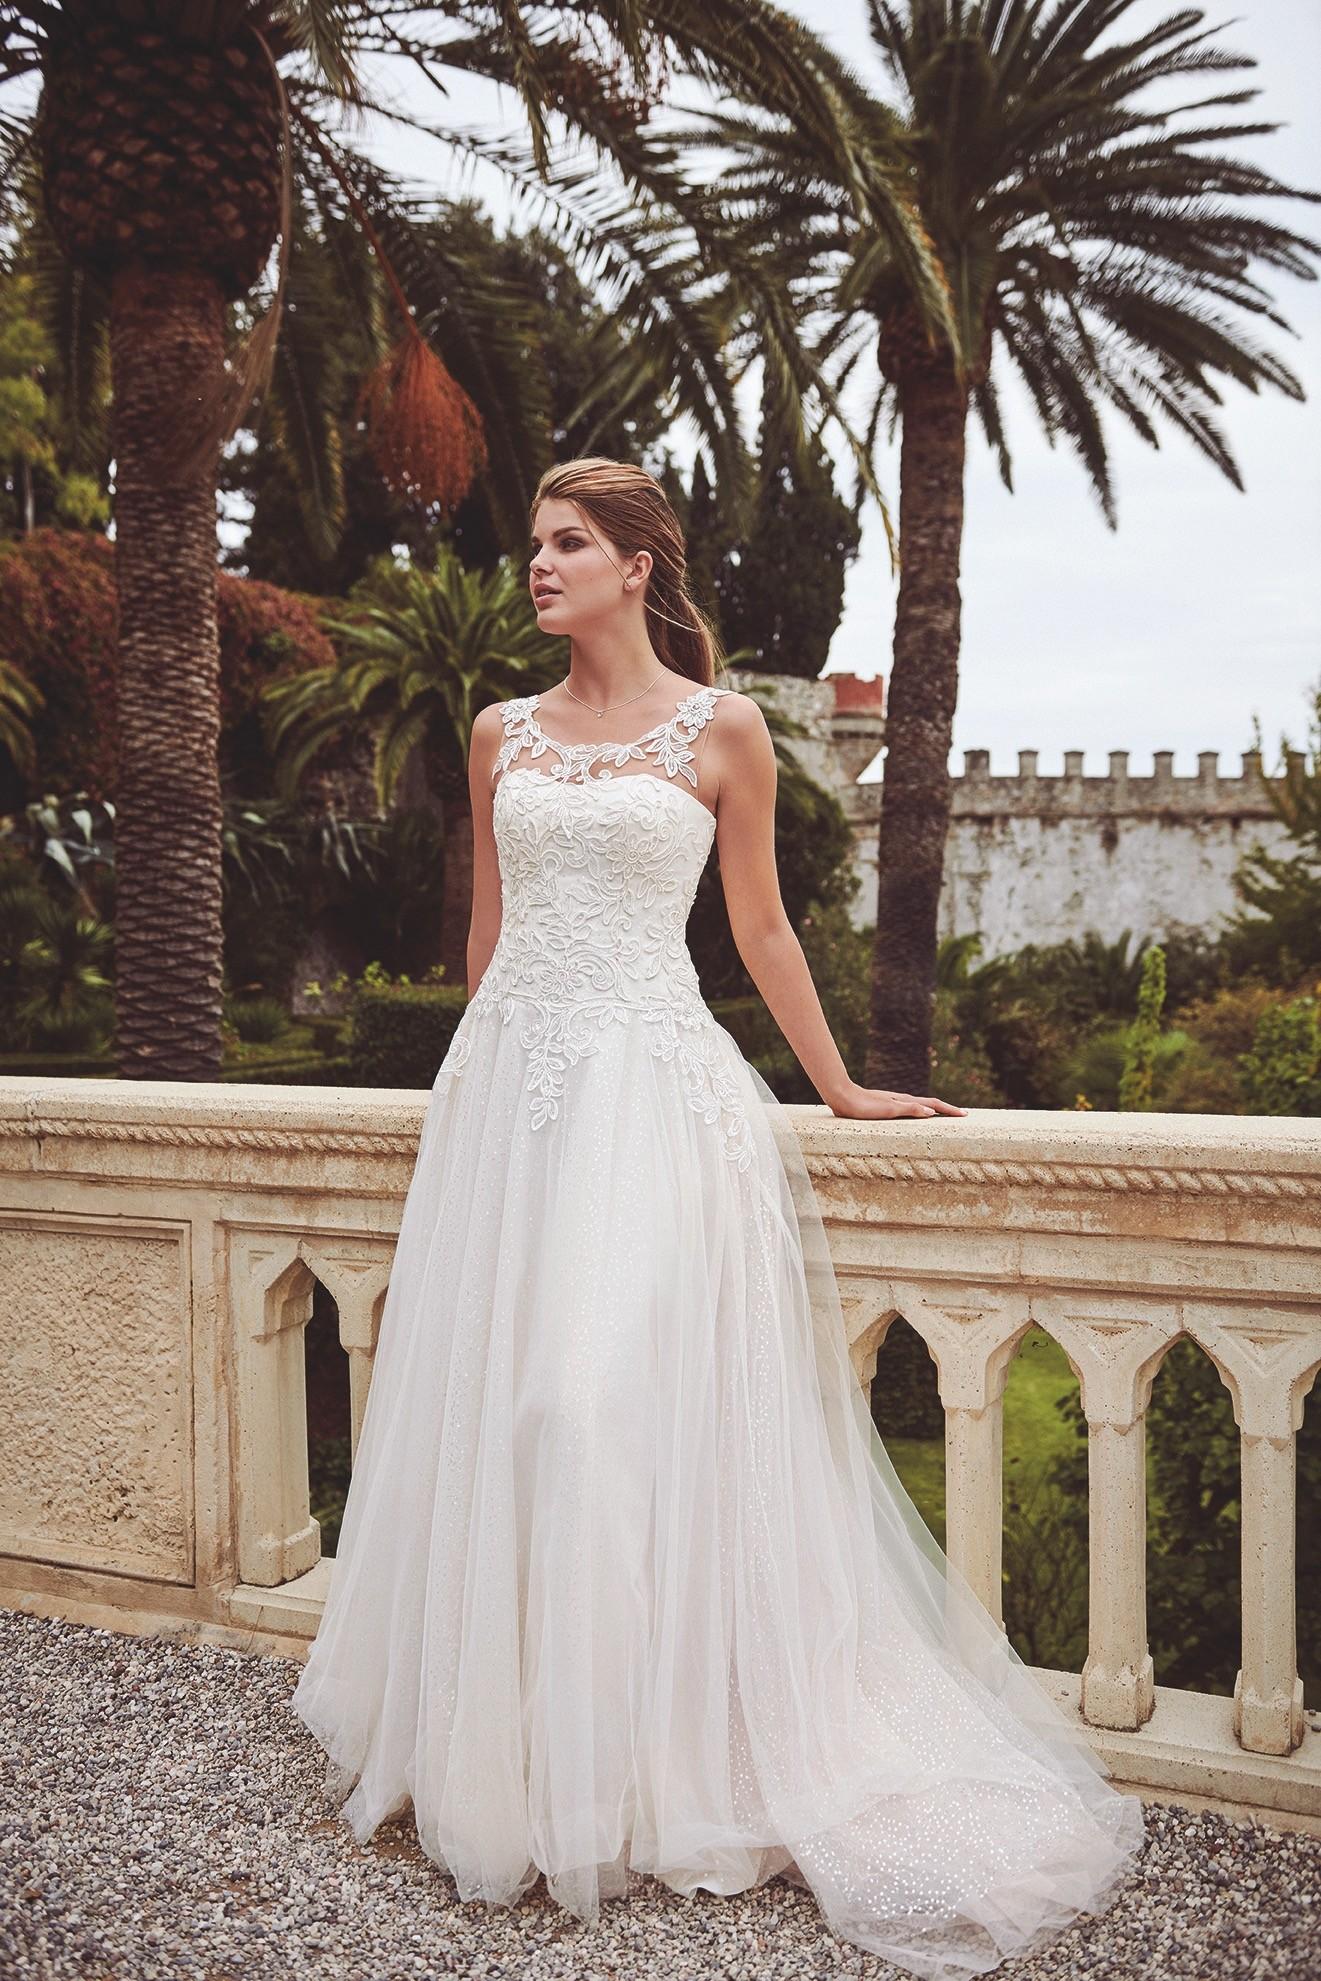 Brautkleid von Elizabeth / Mode de Pol